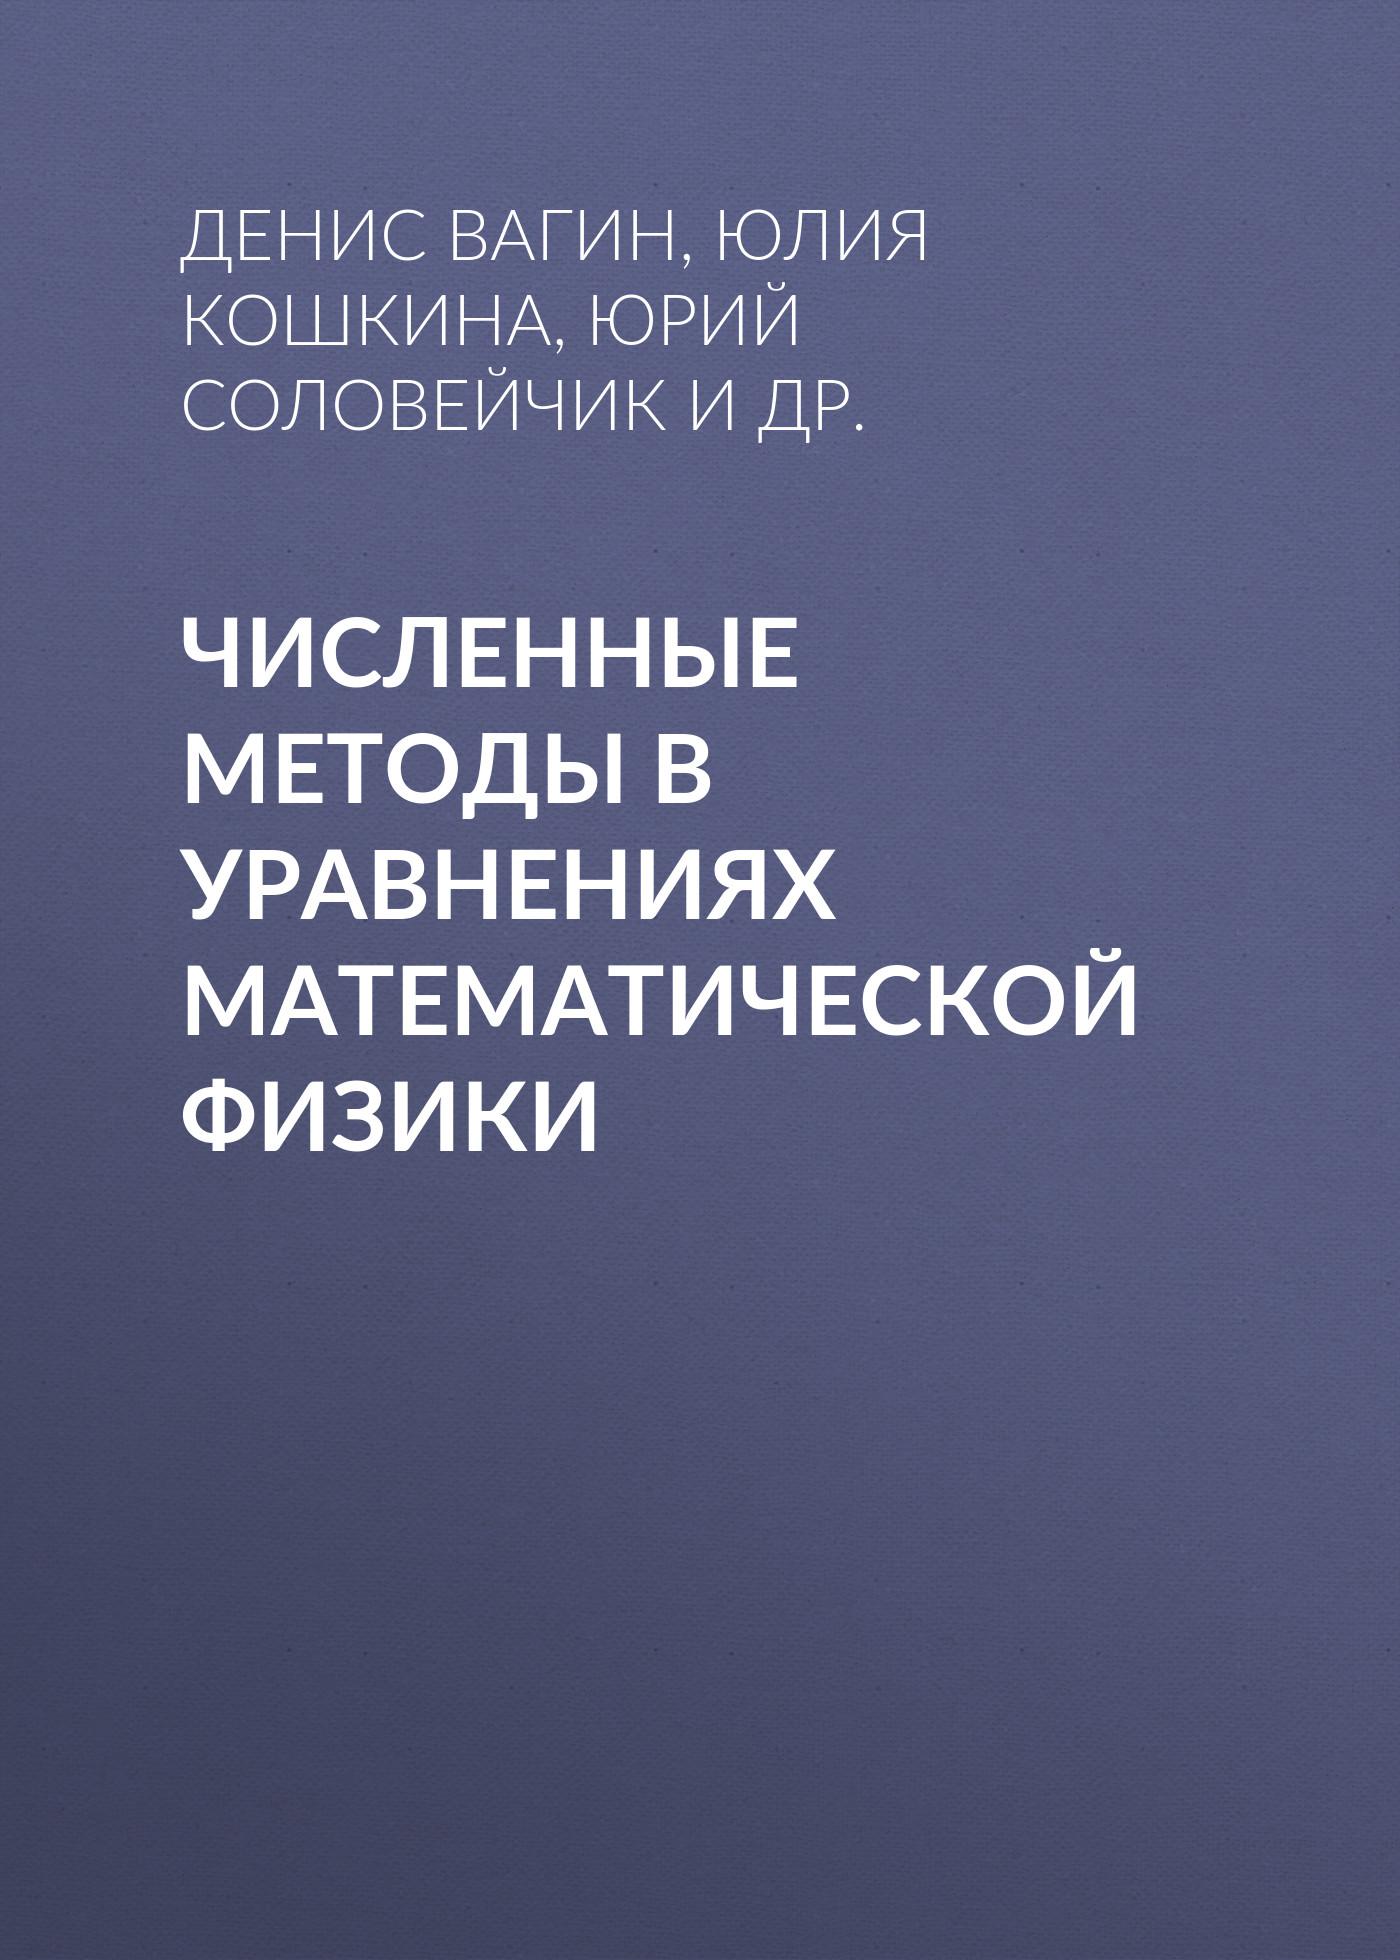 Юрий Соловейчик Численные методы в уравнениях математической физики